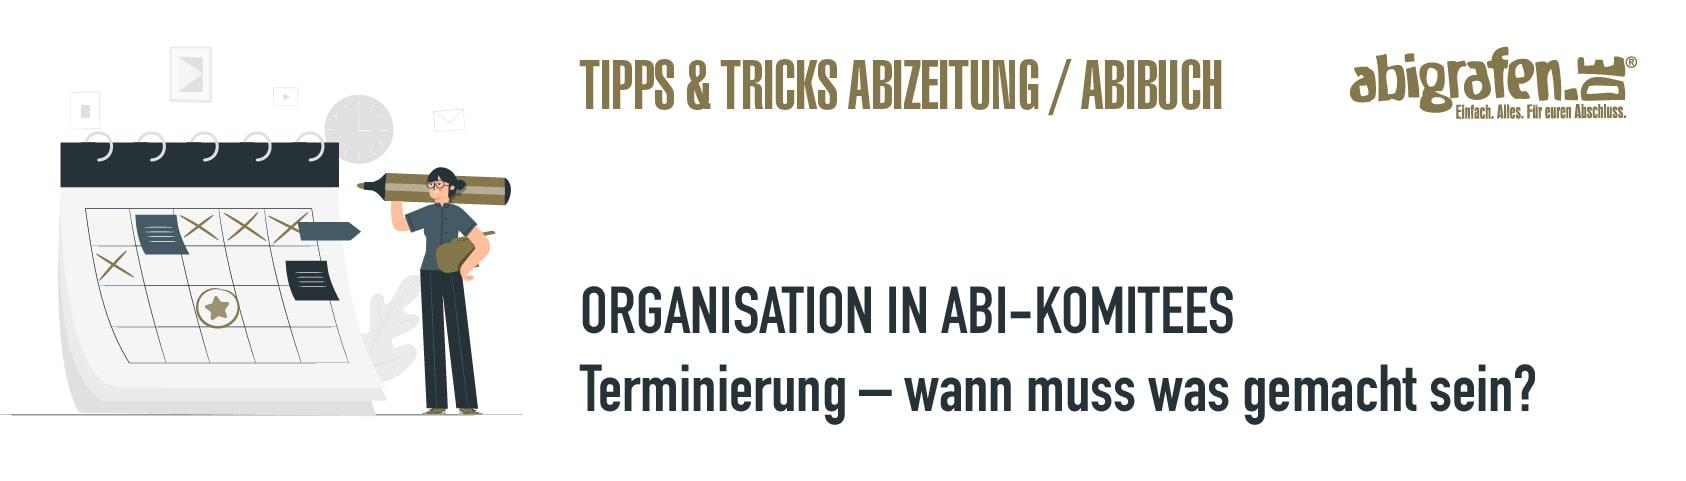 abigrafen-abizeitung-tipps-und-tricks-organisation-terminierung